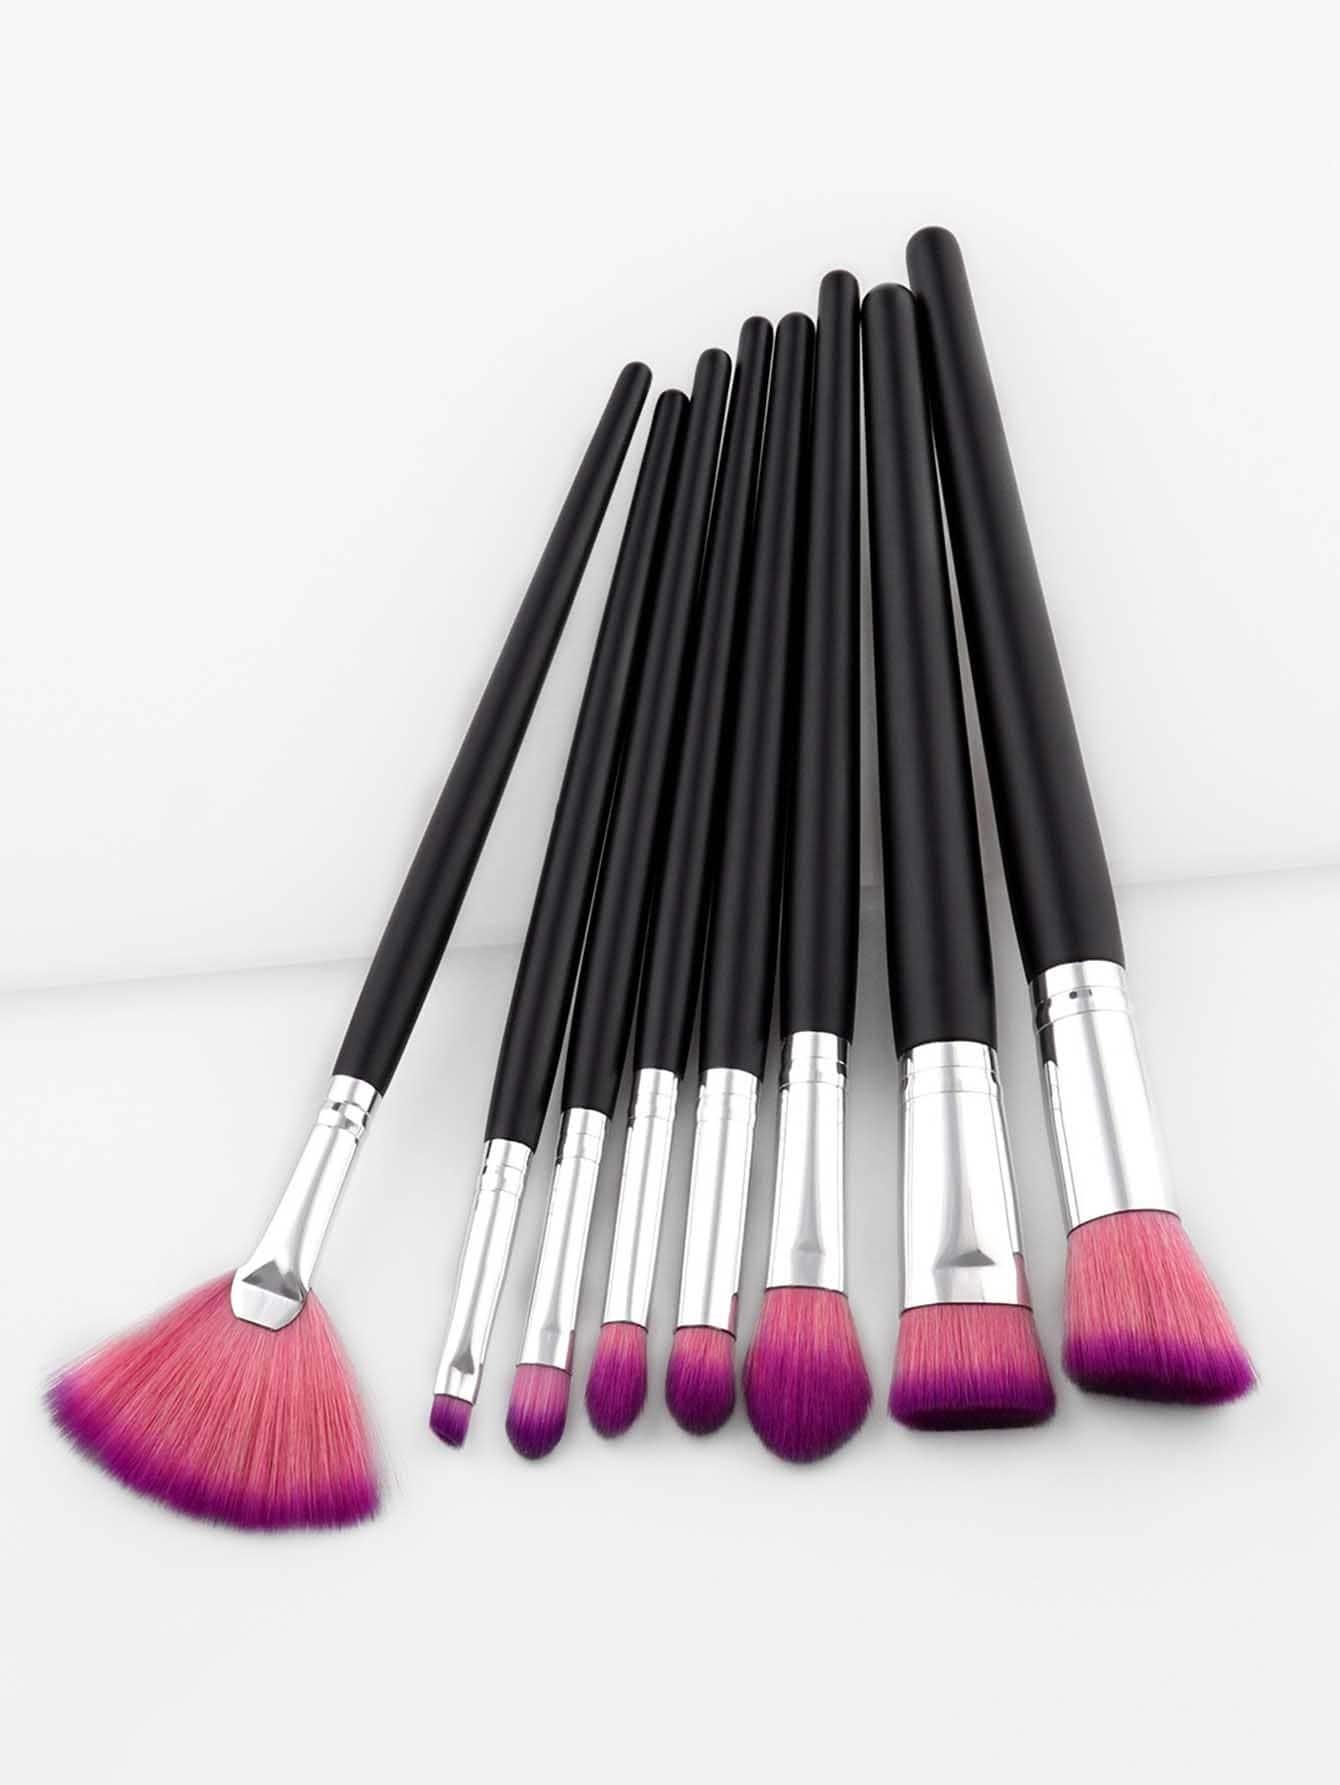 Contrast Makeup Brush Set